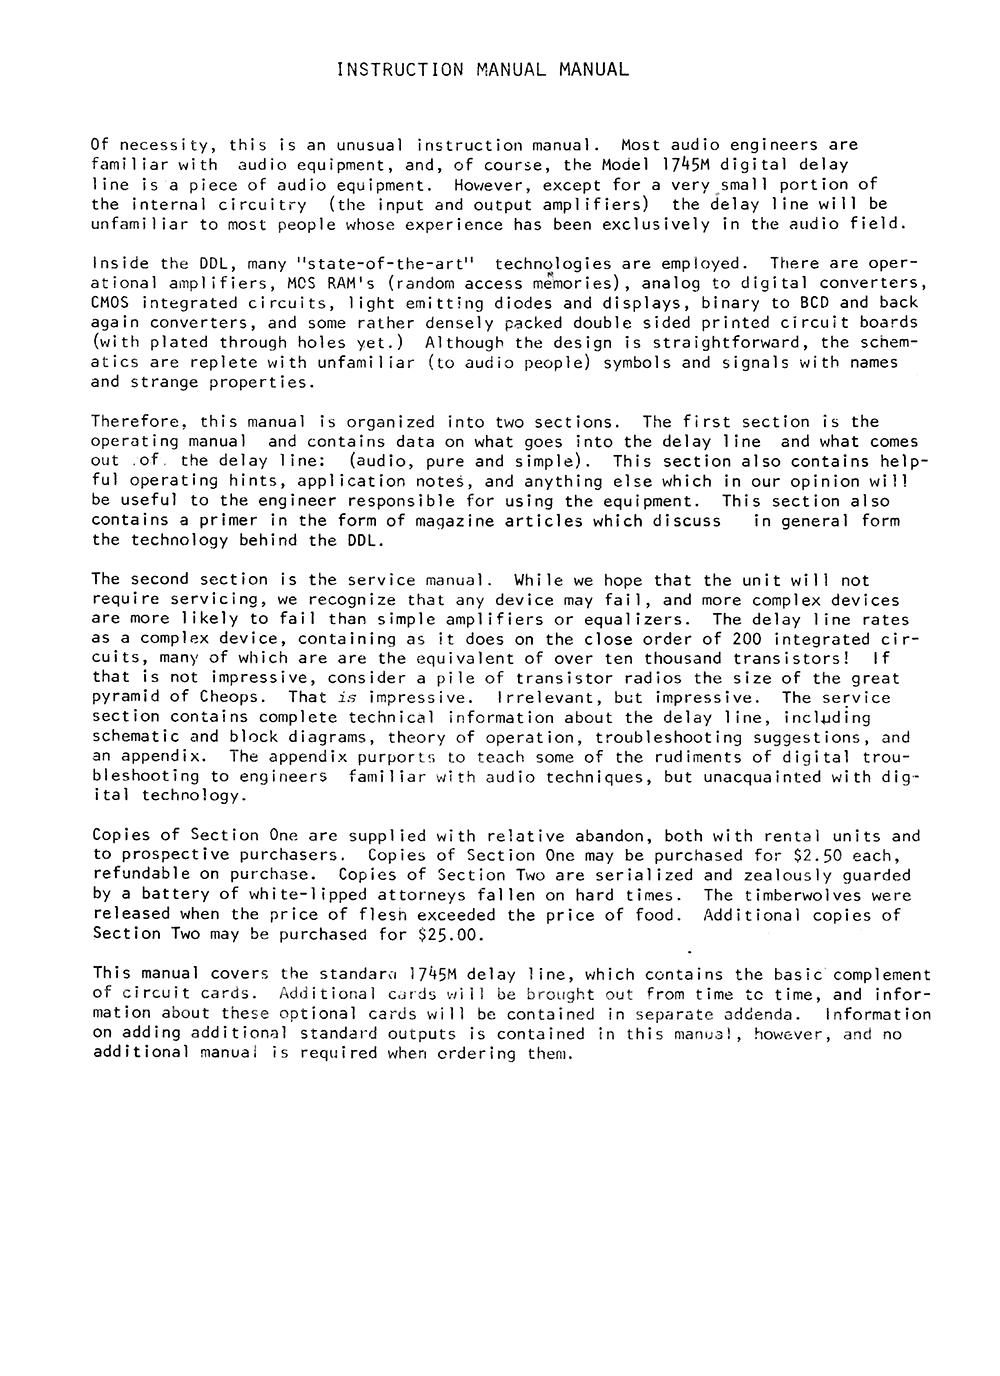 DDL 1745 Manual